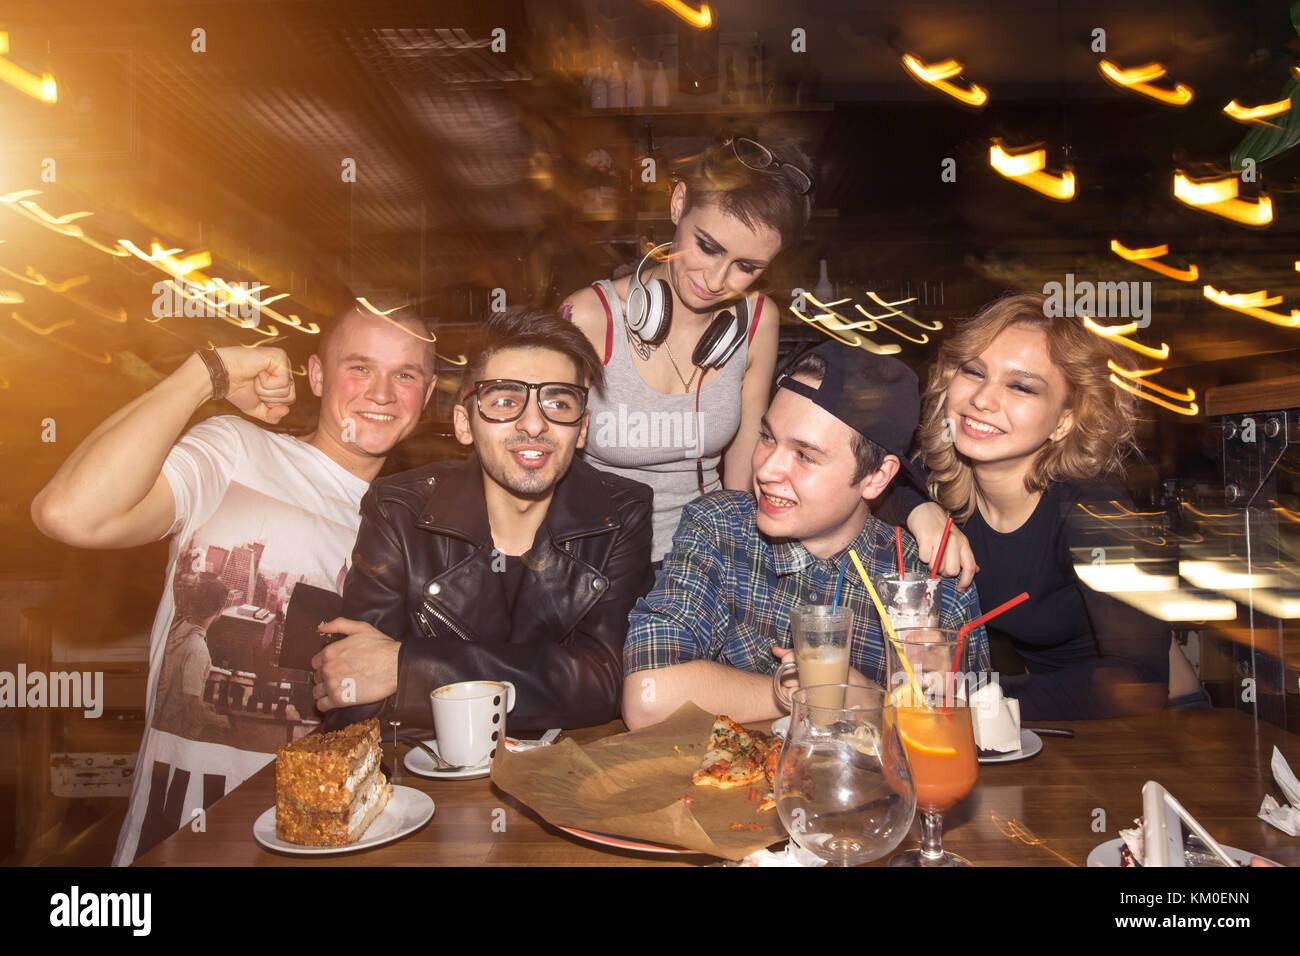 Les amis de s'amuser et boire de la bière en boîte de nuit. longue exposition Photo Stock